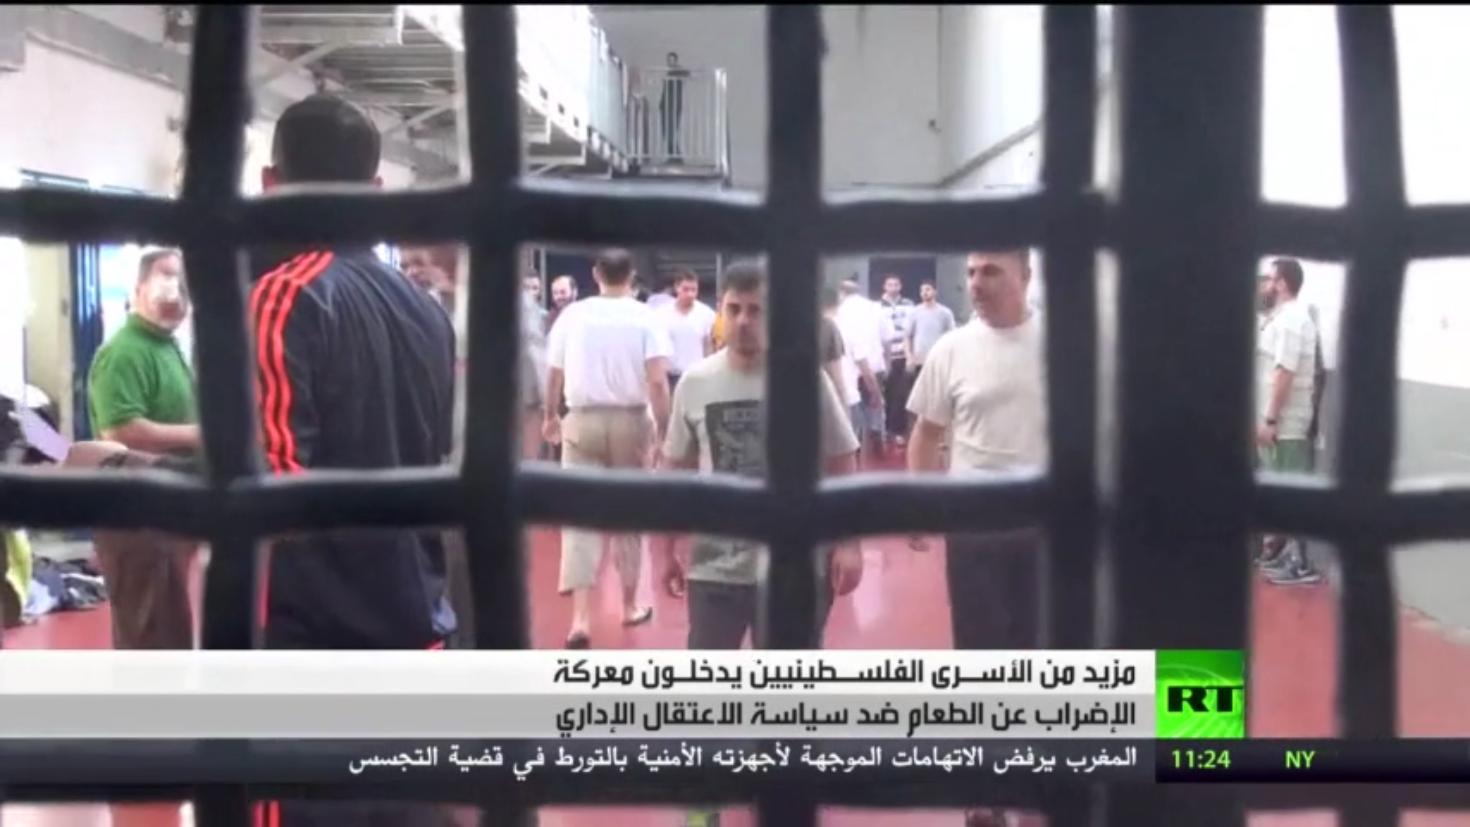 الأسرى الفلسطينيون ومعركة الإضراب عن الطعام